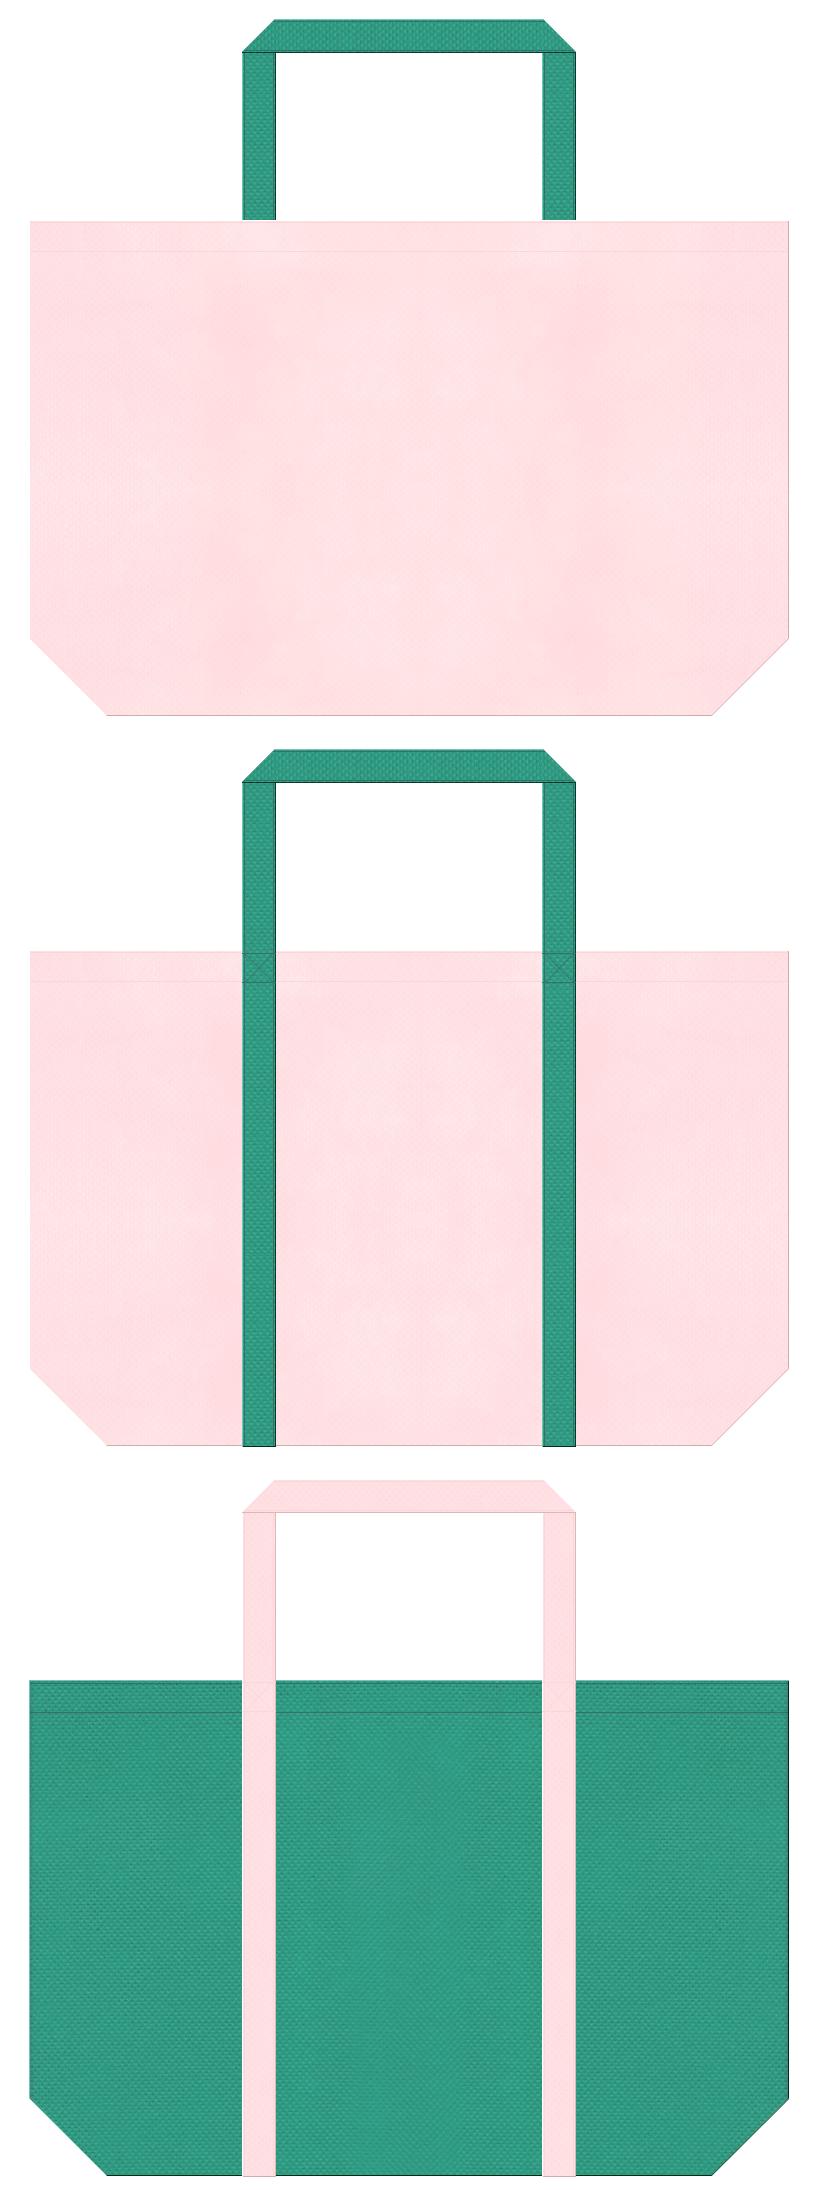 台所用品、洗剤のバッグノベルティにお奨めのコーデ。桜色と青緑色の不織布バッグデザイン。